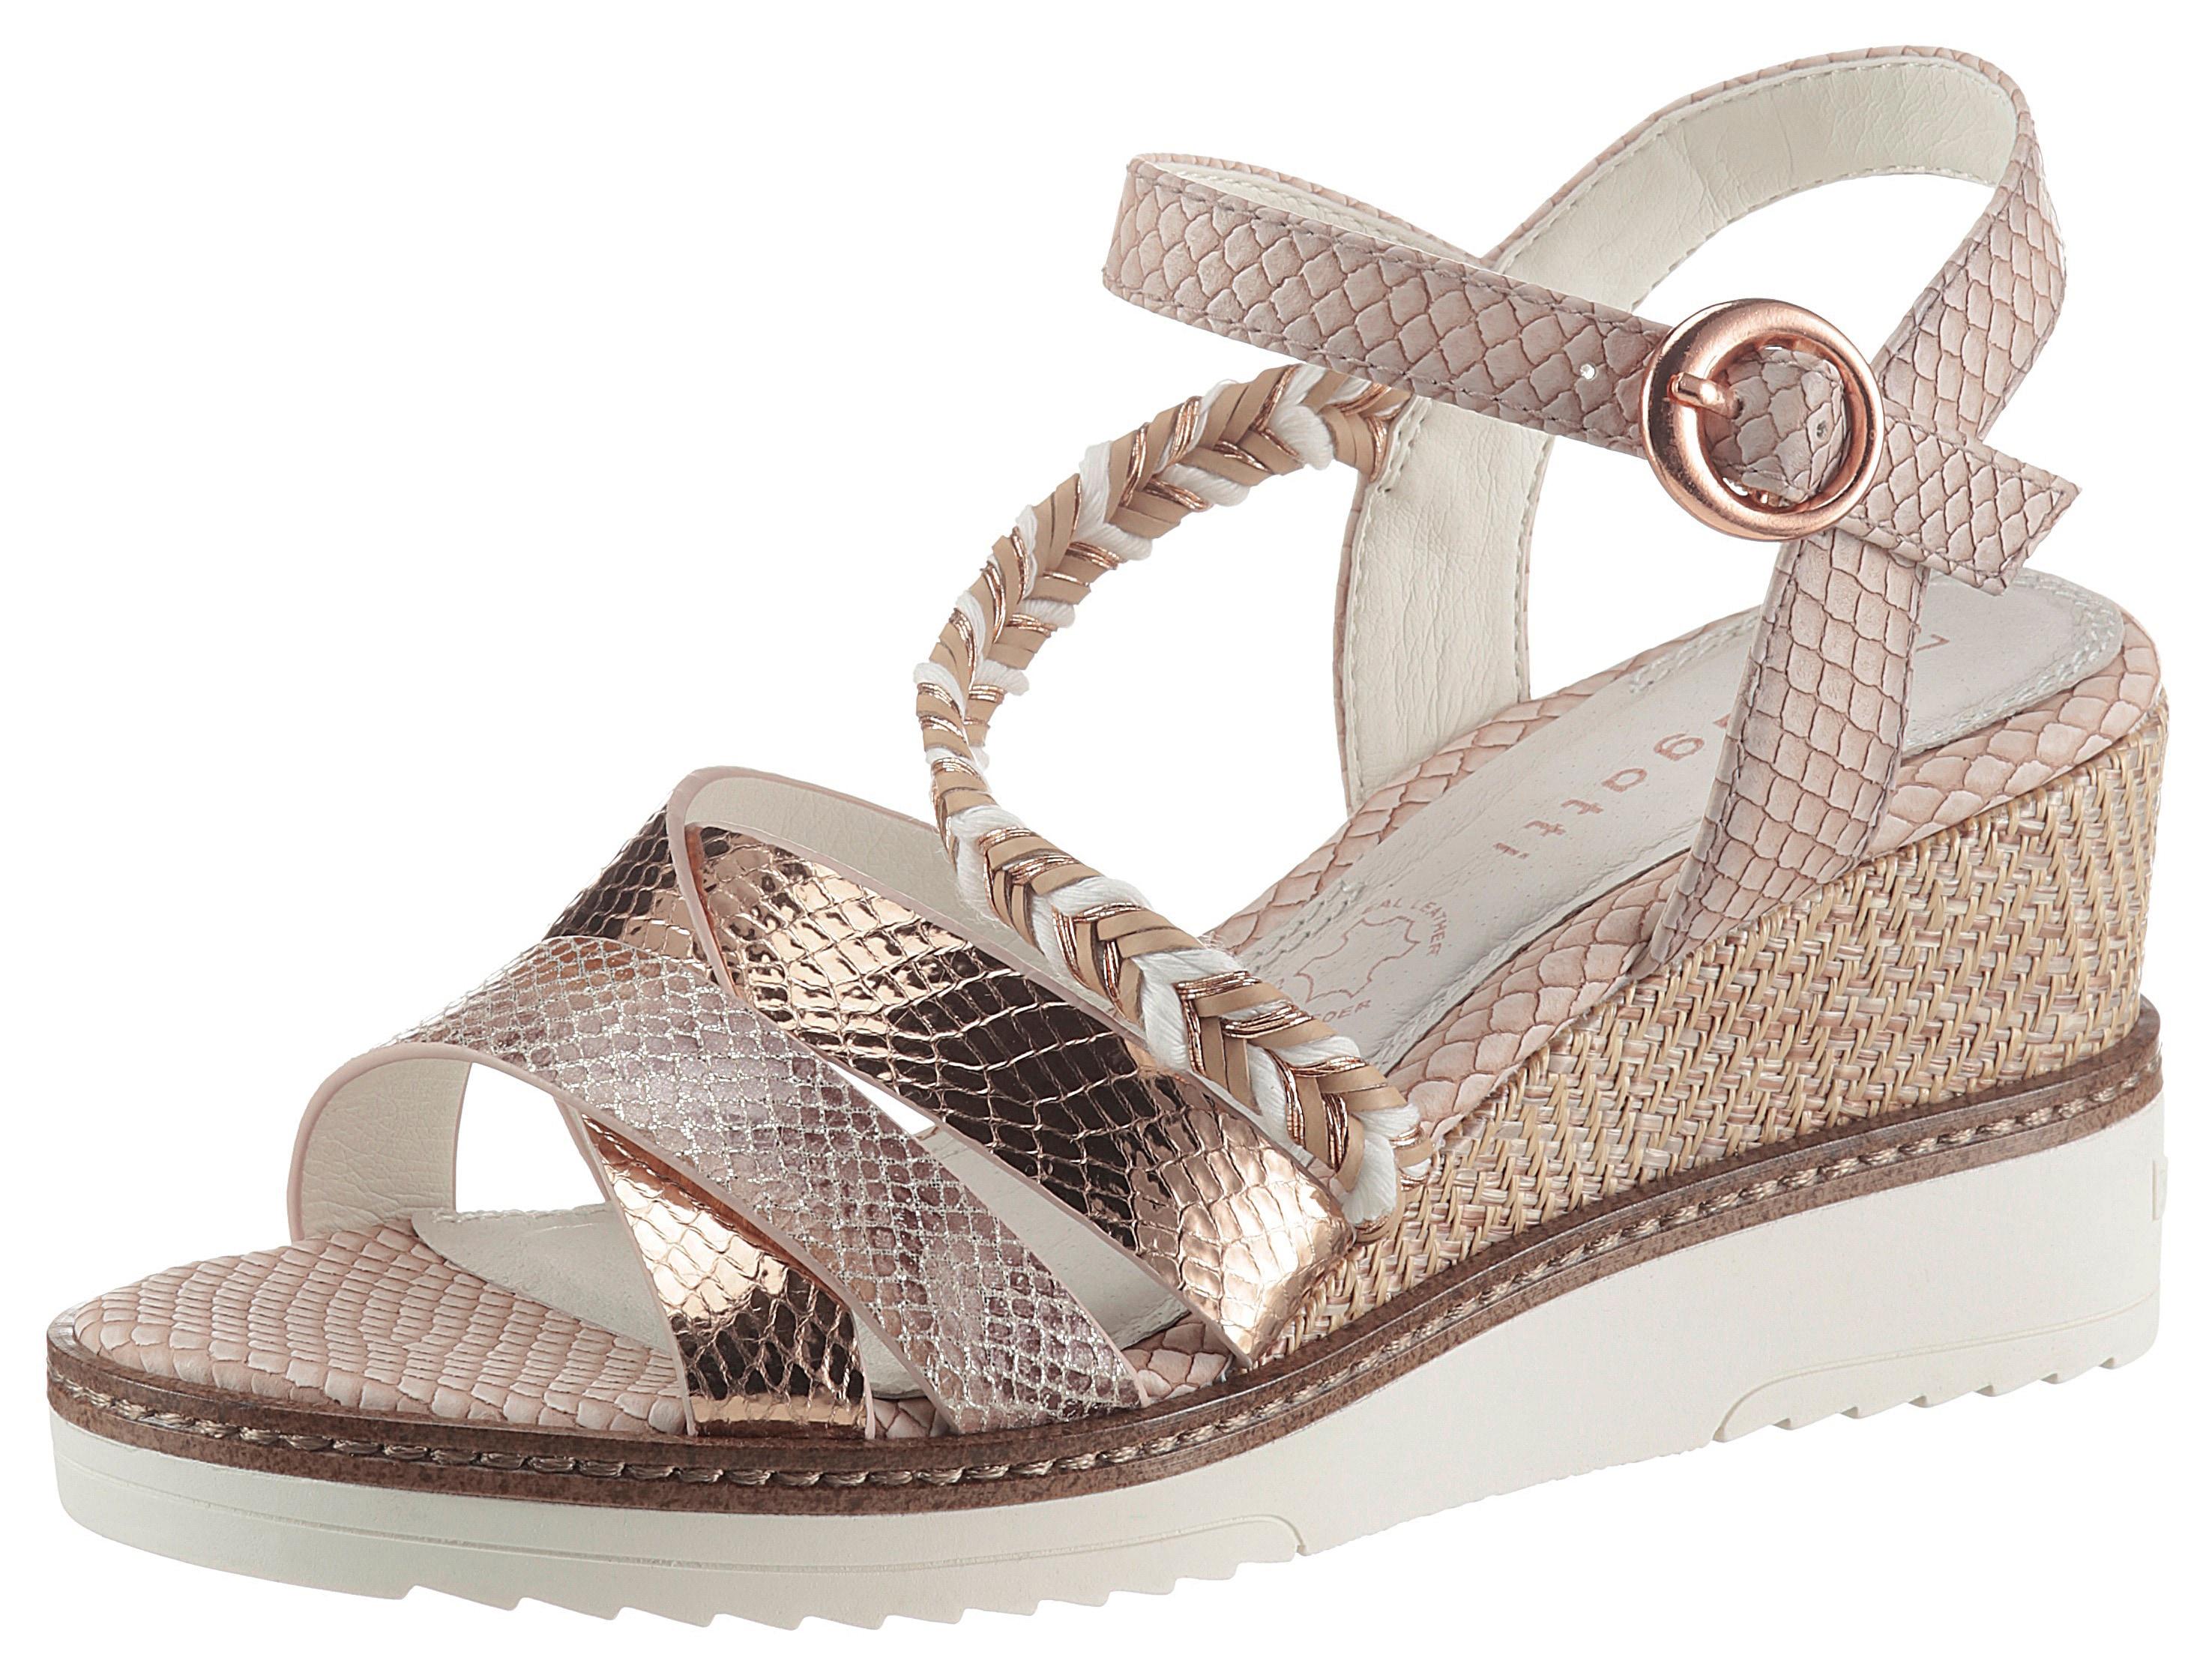 bugatti -  Sandalette ESRA EVO, mit angesagter Reptilienprägung